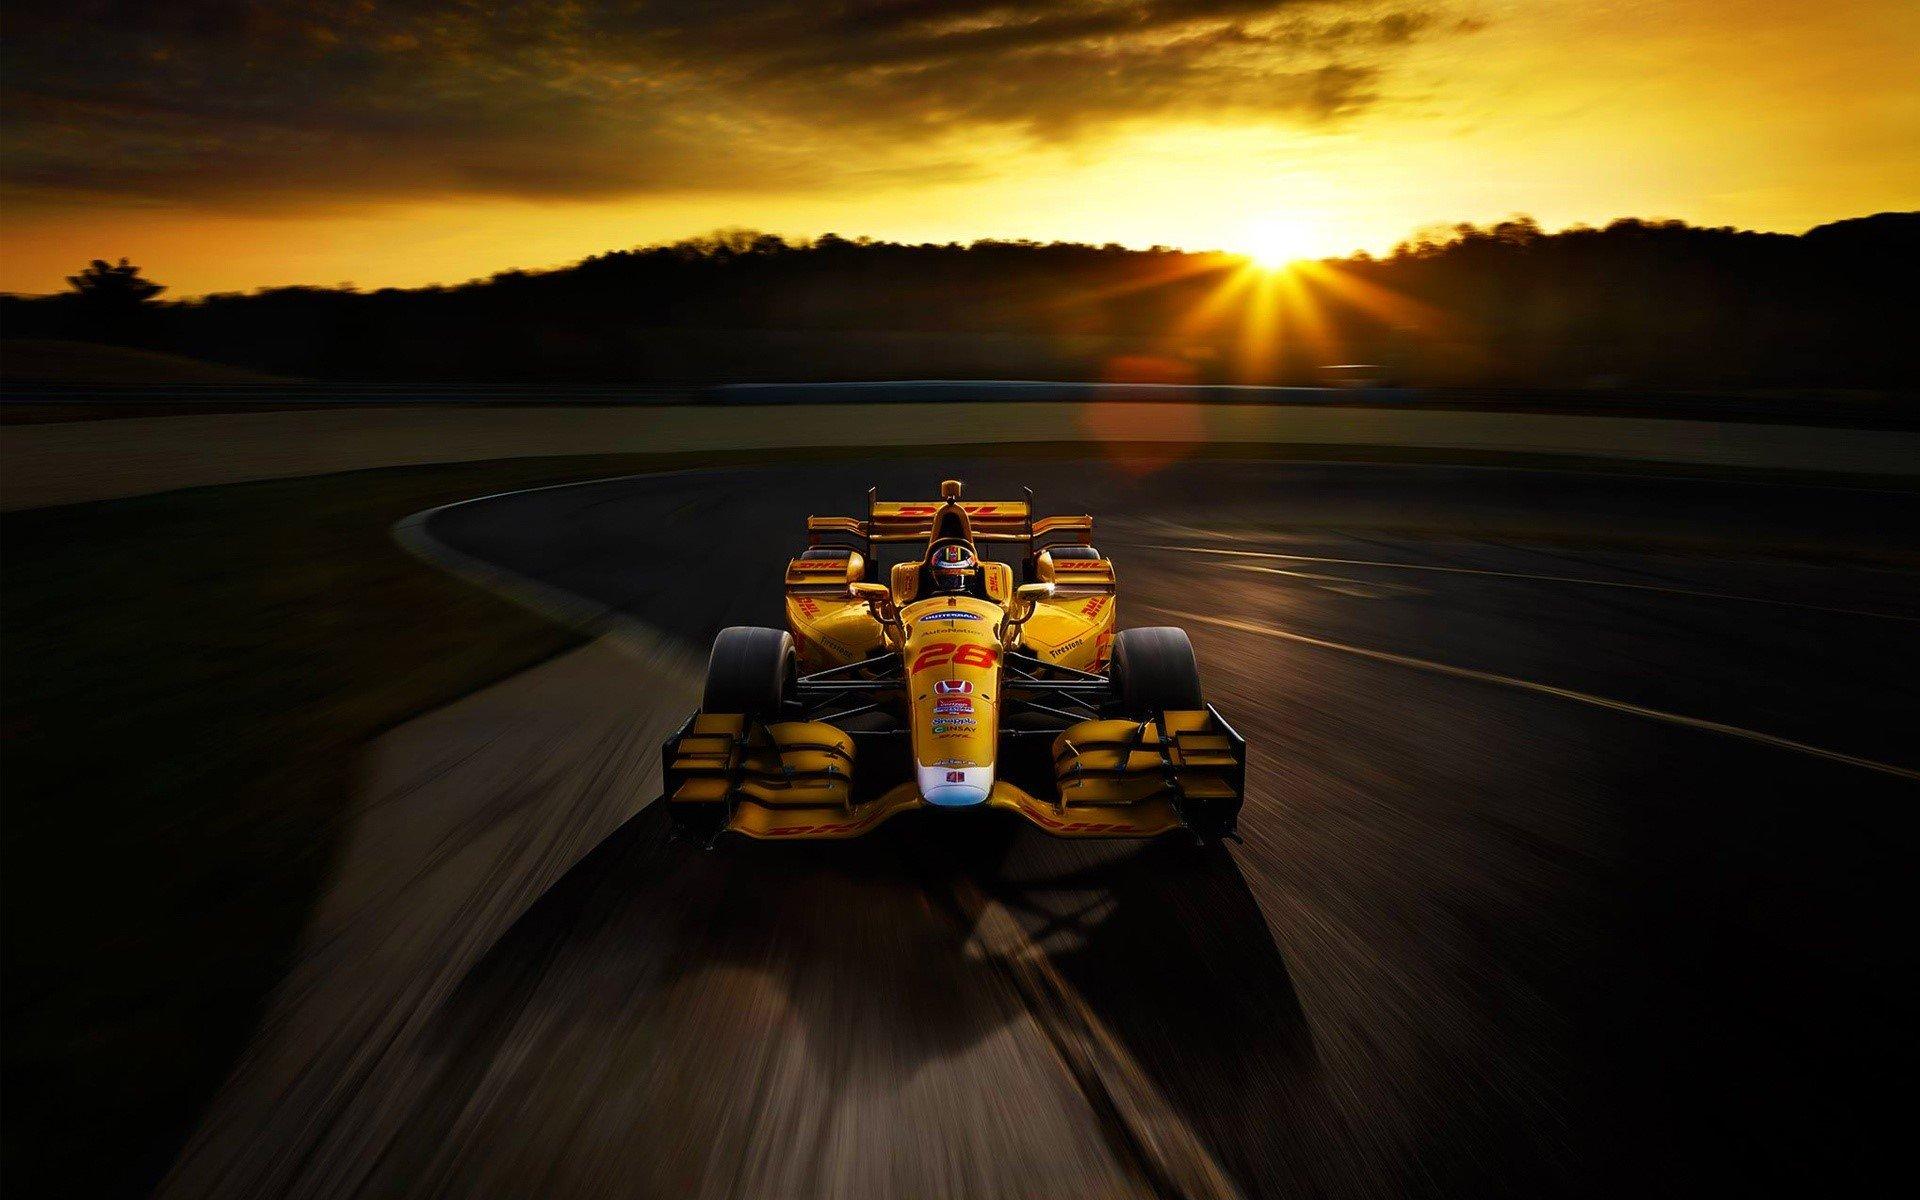 Wallpaper Honda F1 race car